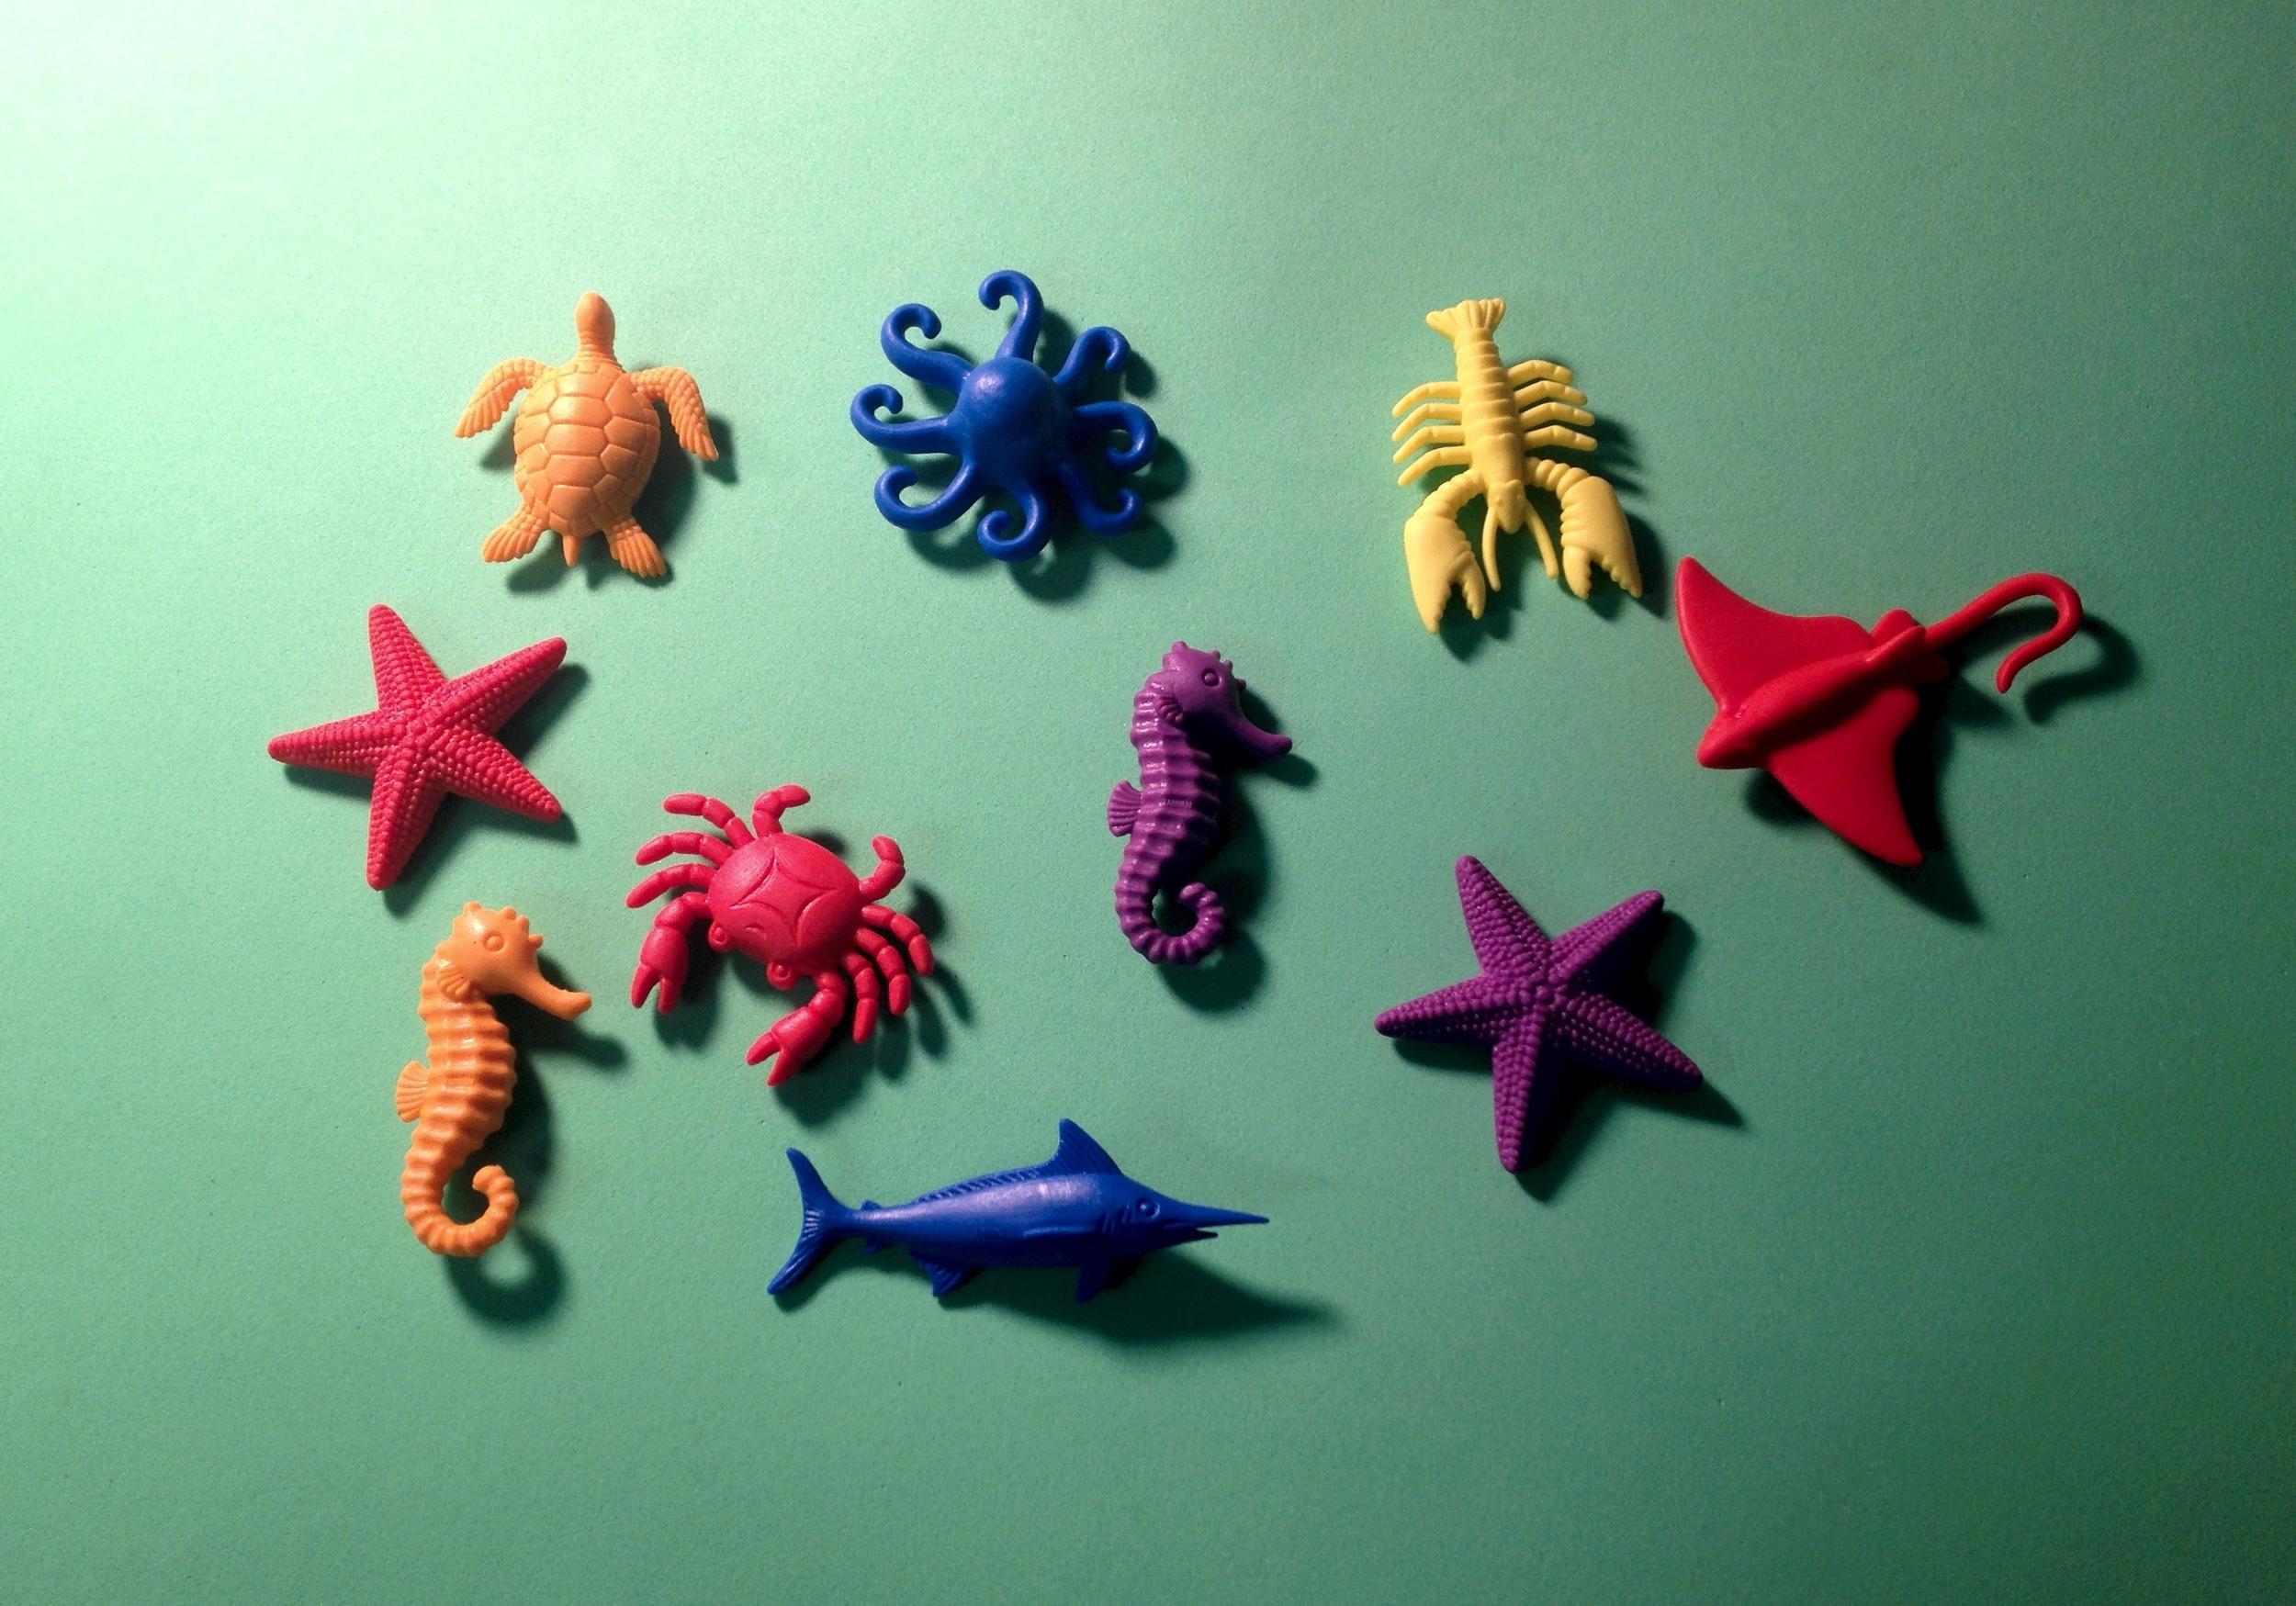 Mini Plastic Sea Creatures (Assorted)